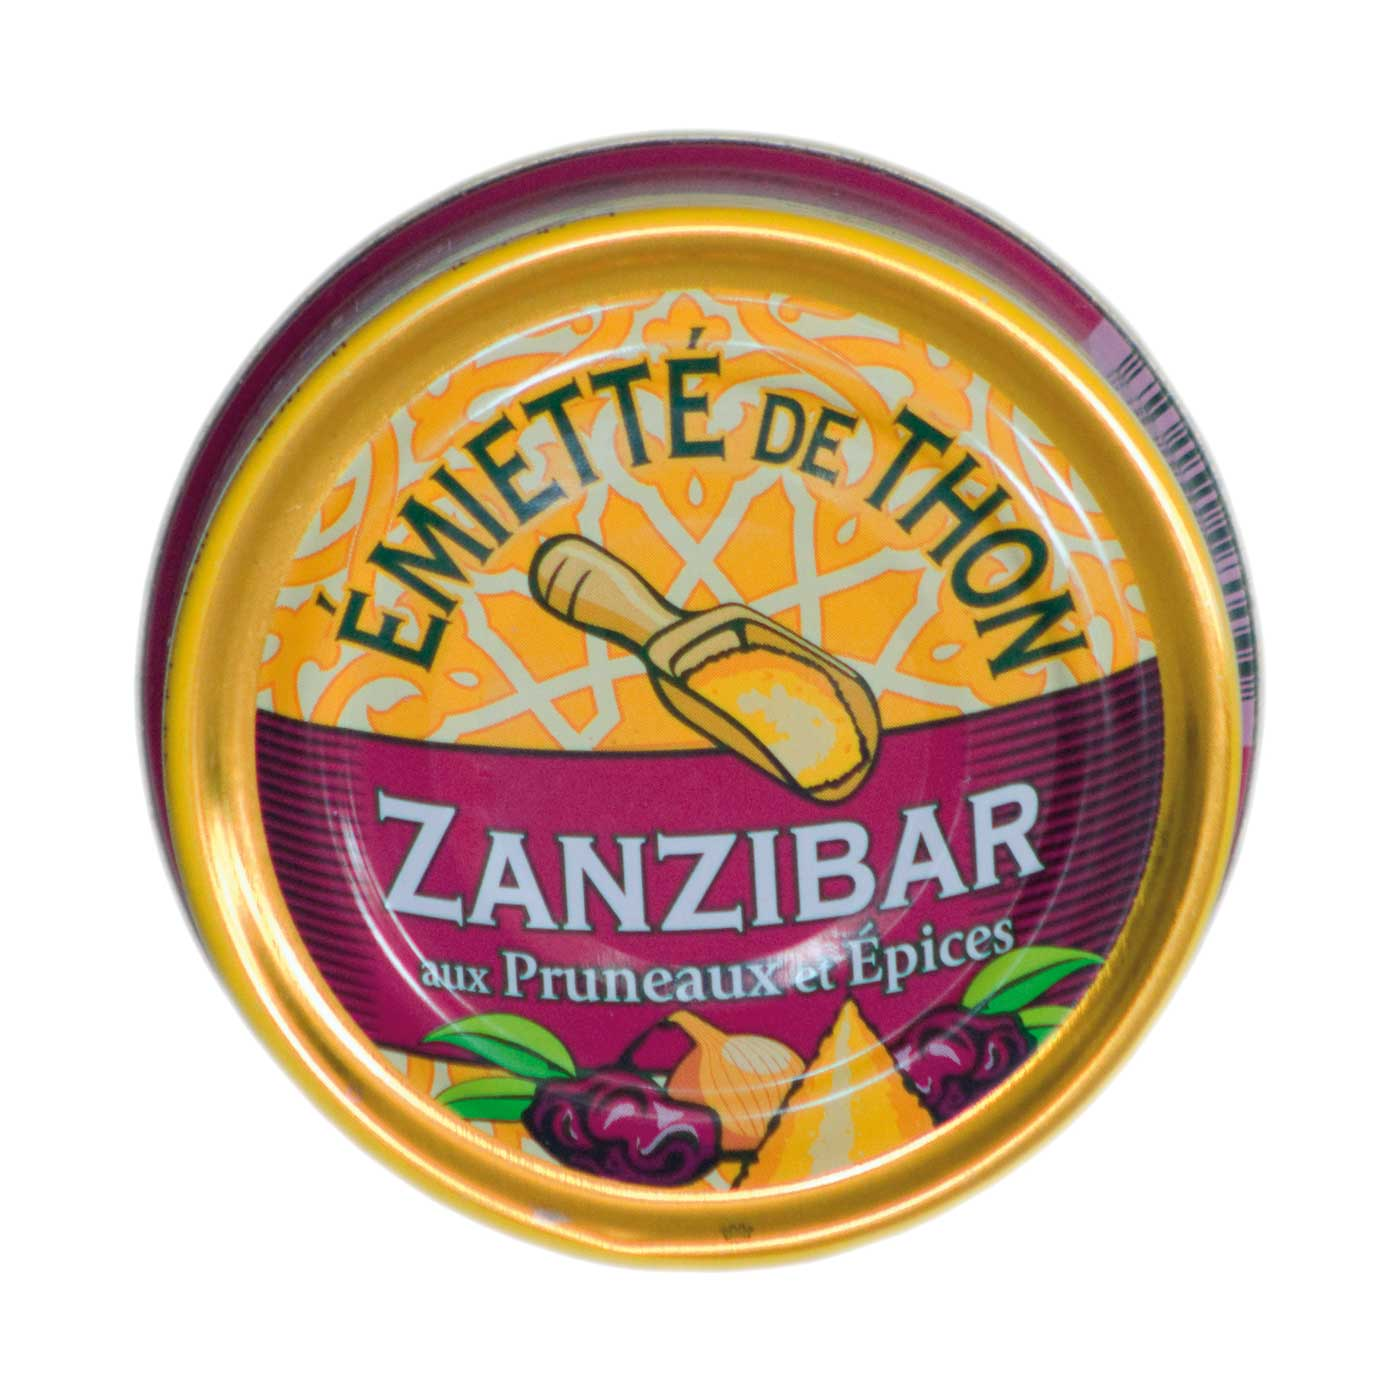 Emietté van Tonijn Zanzibar